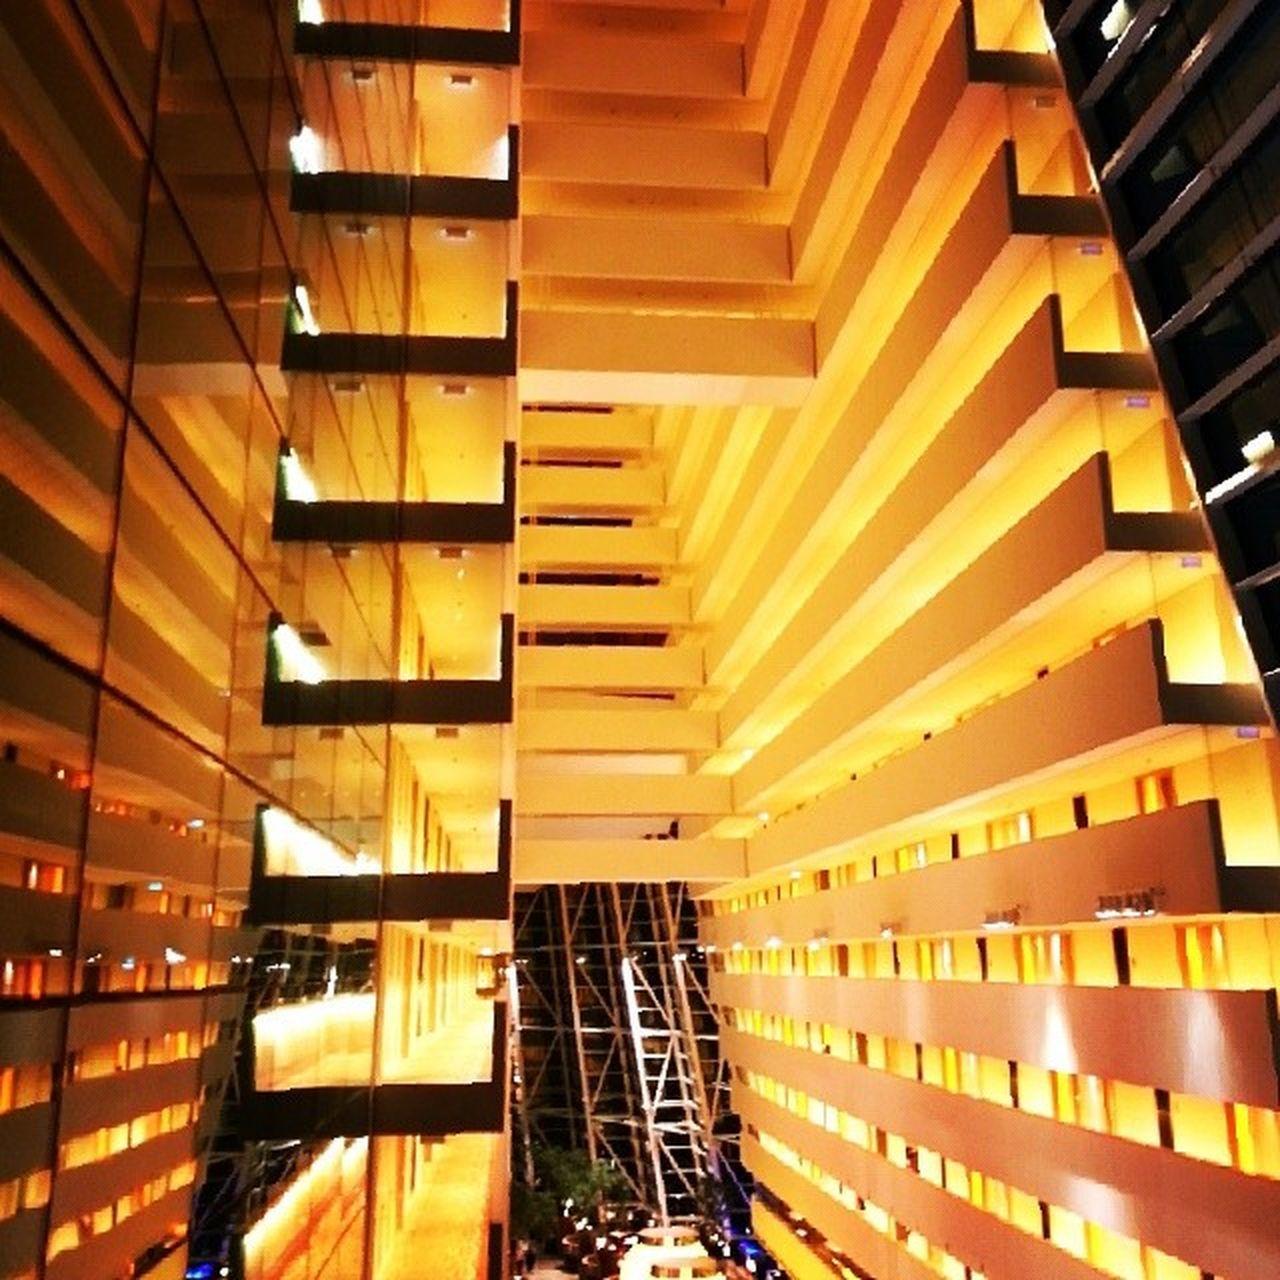 Perspective Marinabaysands Singapore The Architect - 2014 EyeEm Awards thepierone travel